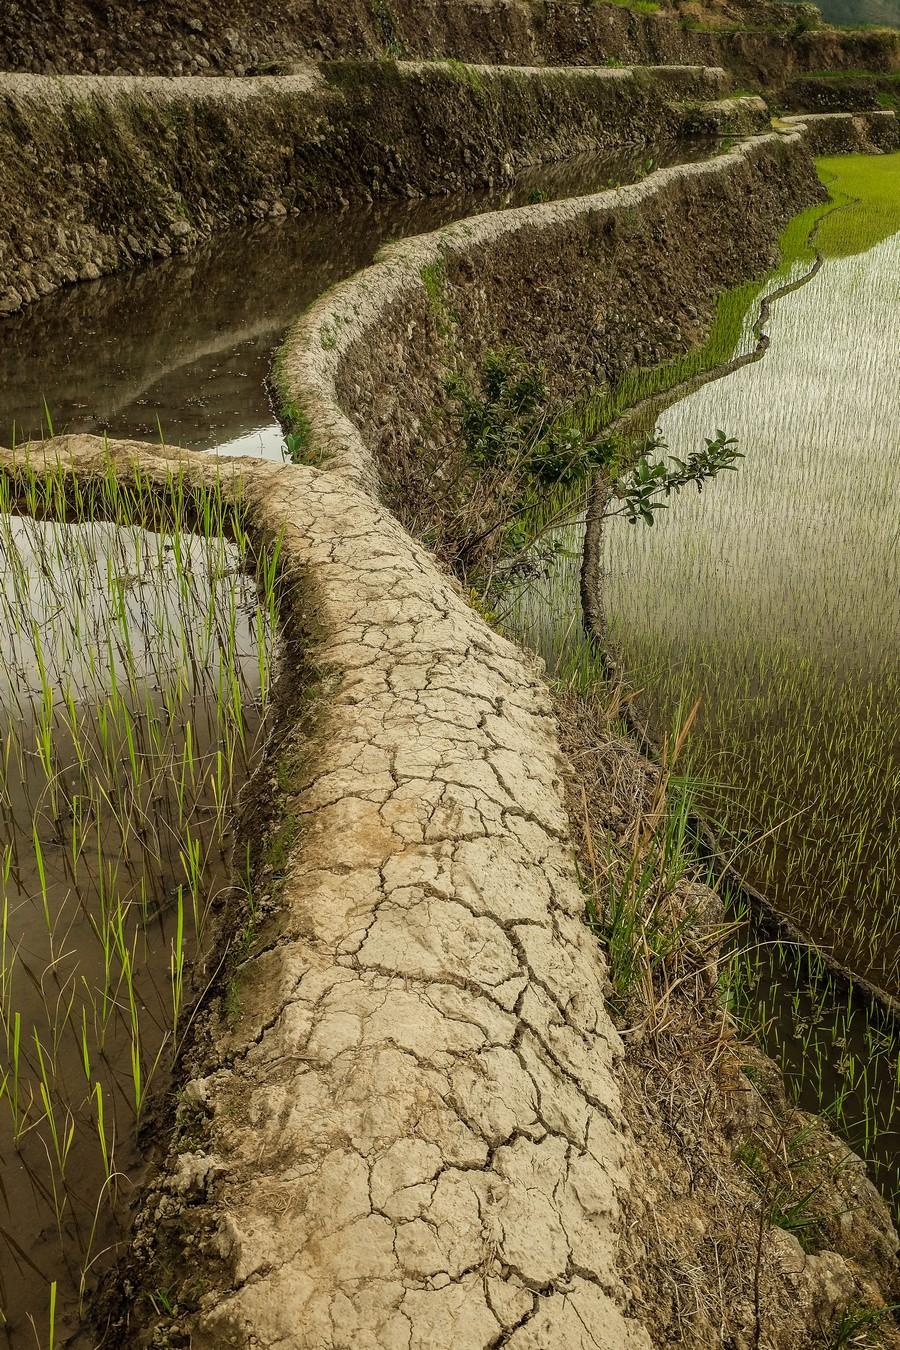 Le sentier escarpé emprunté lors du trek à Banaue